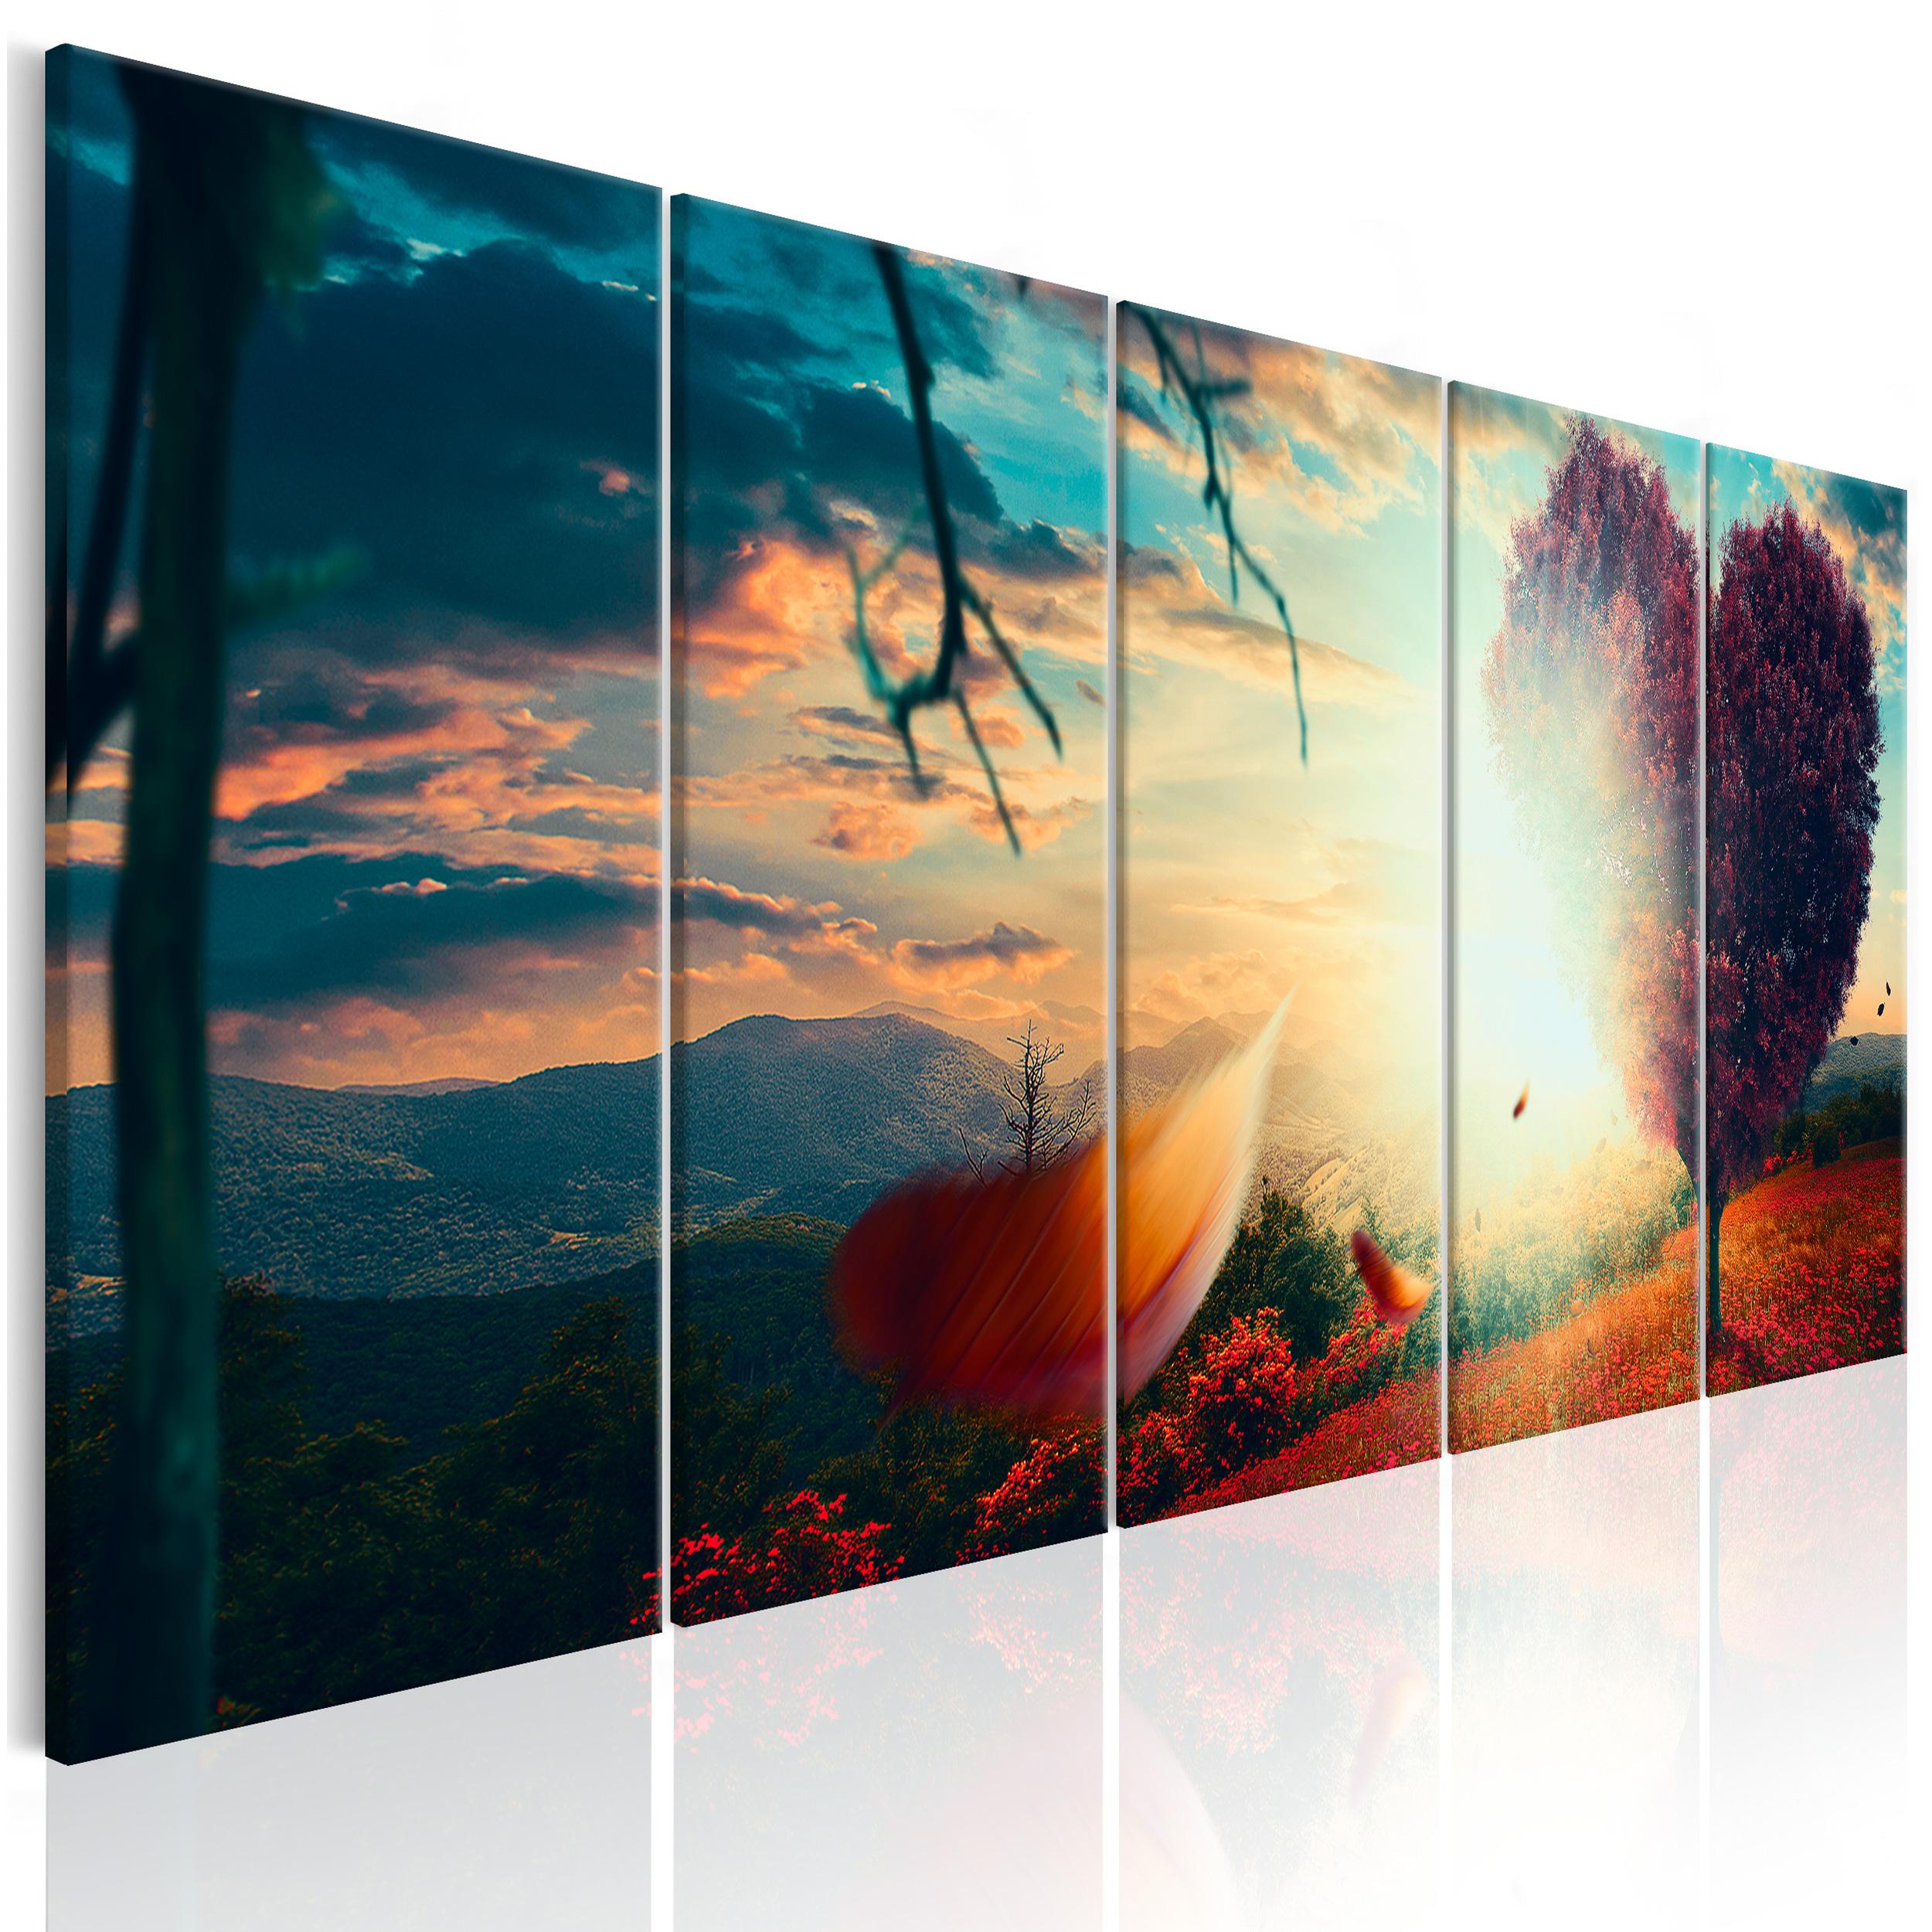 leinwand bilder wald baum sonne herz liebe wandbilder xxl wohnzimmer kunstdruck ebay. Black Bedroom Furniture Sets. Home Design Ideas